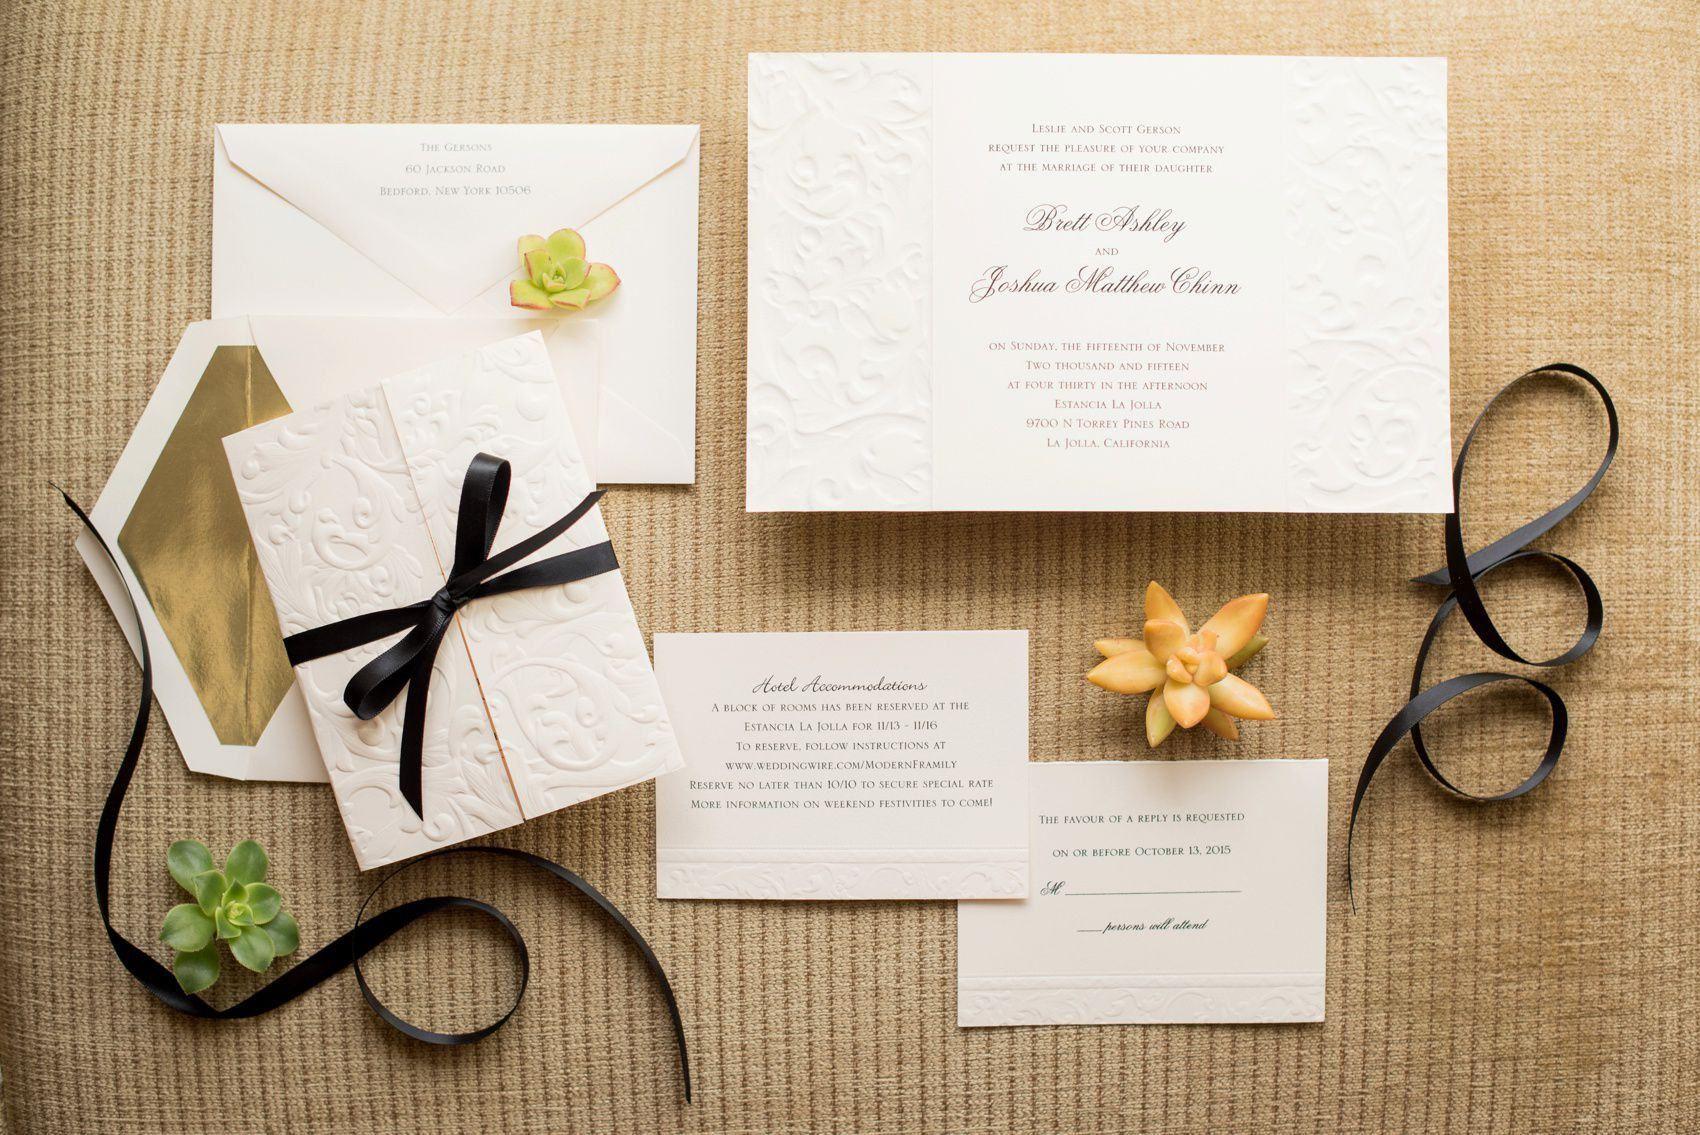 Best Invitation Cards Unique Wedding Invitation Card Design Superb Invitation Superb Invitation